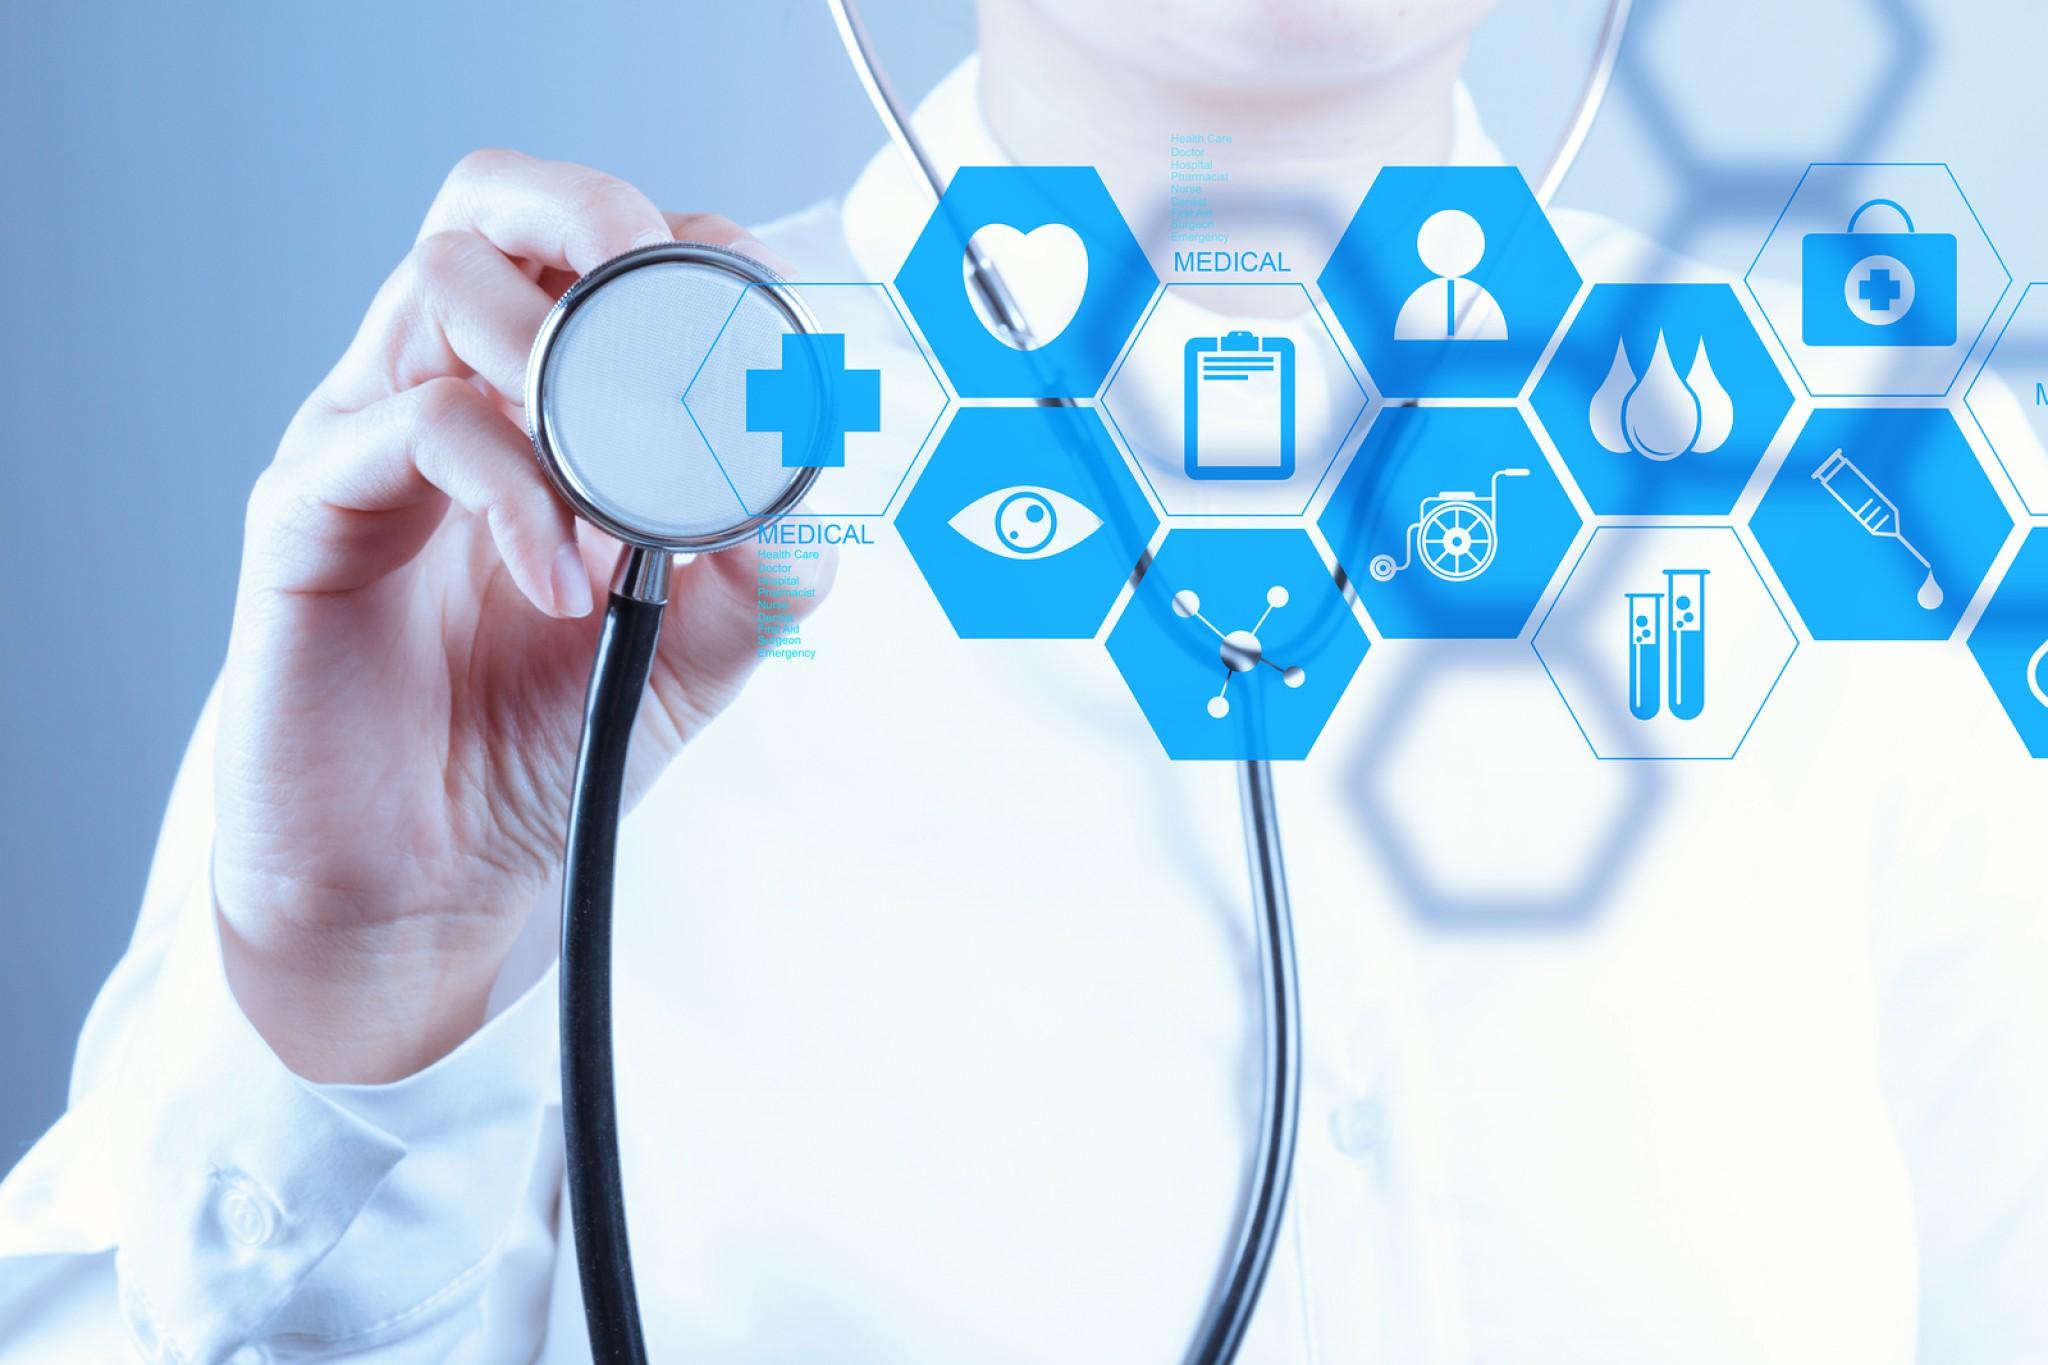 Riadenie procesov súvisiacich s elektronizáciou zdravotnej starostlivosti (eHealth).